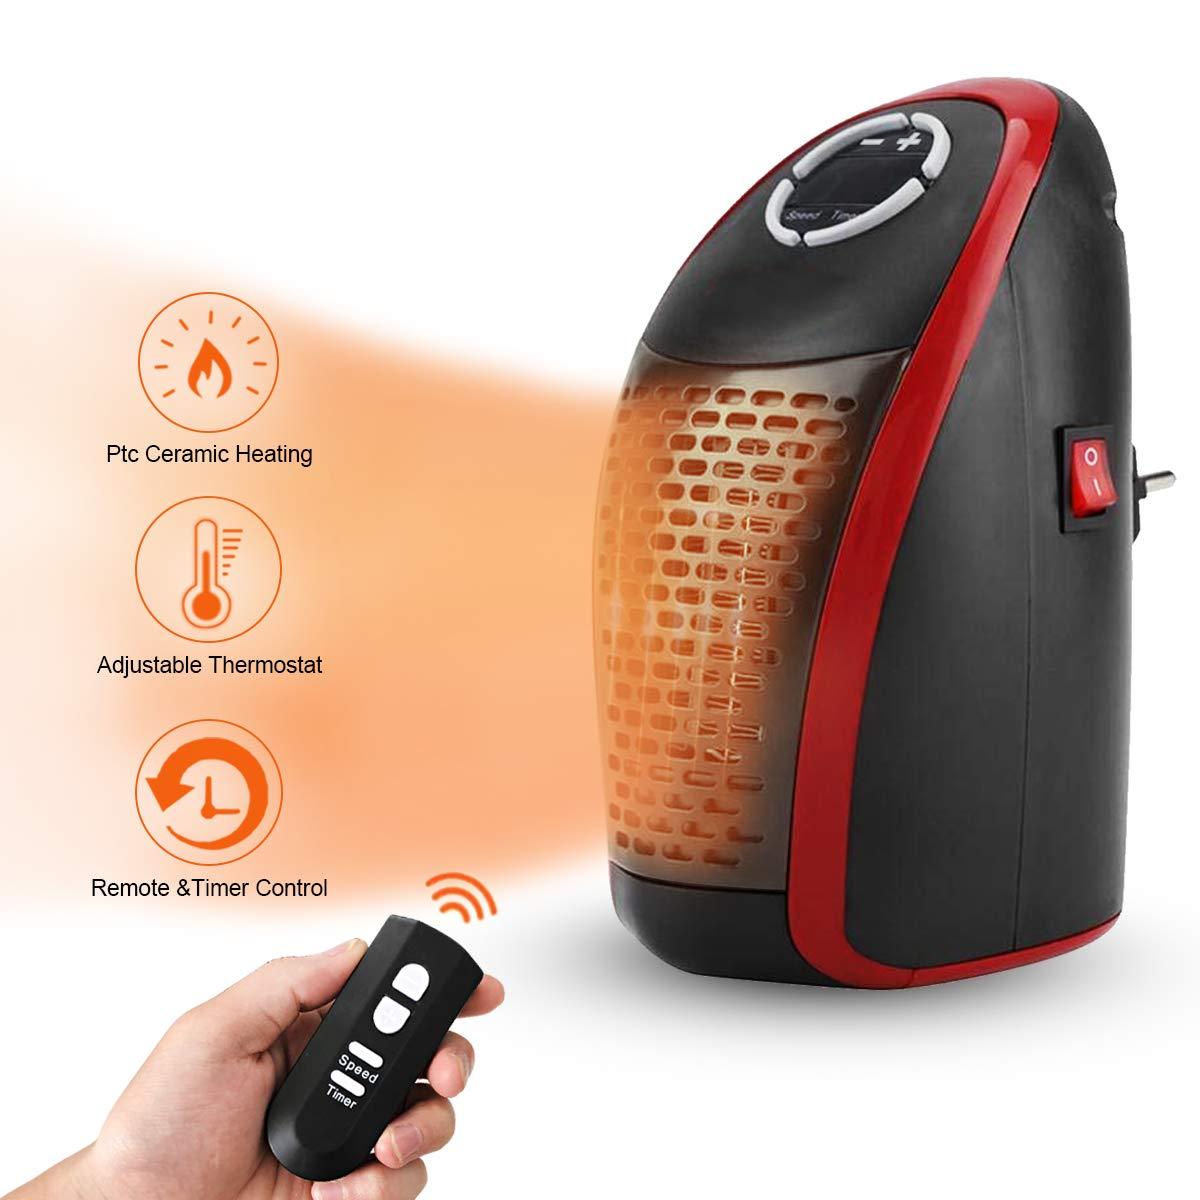 AMAES Mini Céramique Electrique Radiateur 400W Prise/Réglable/Thermostat/Télécommande/Minuterie Une Utilisation en Intérieur